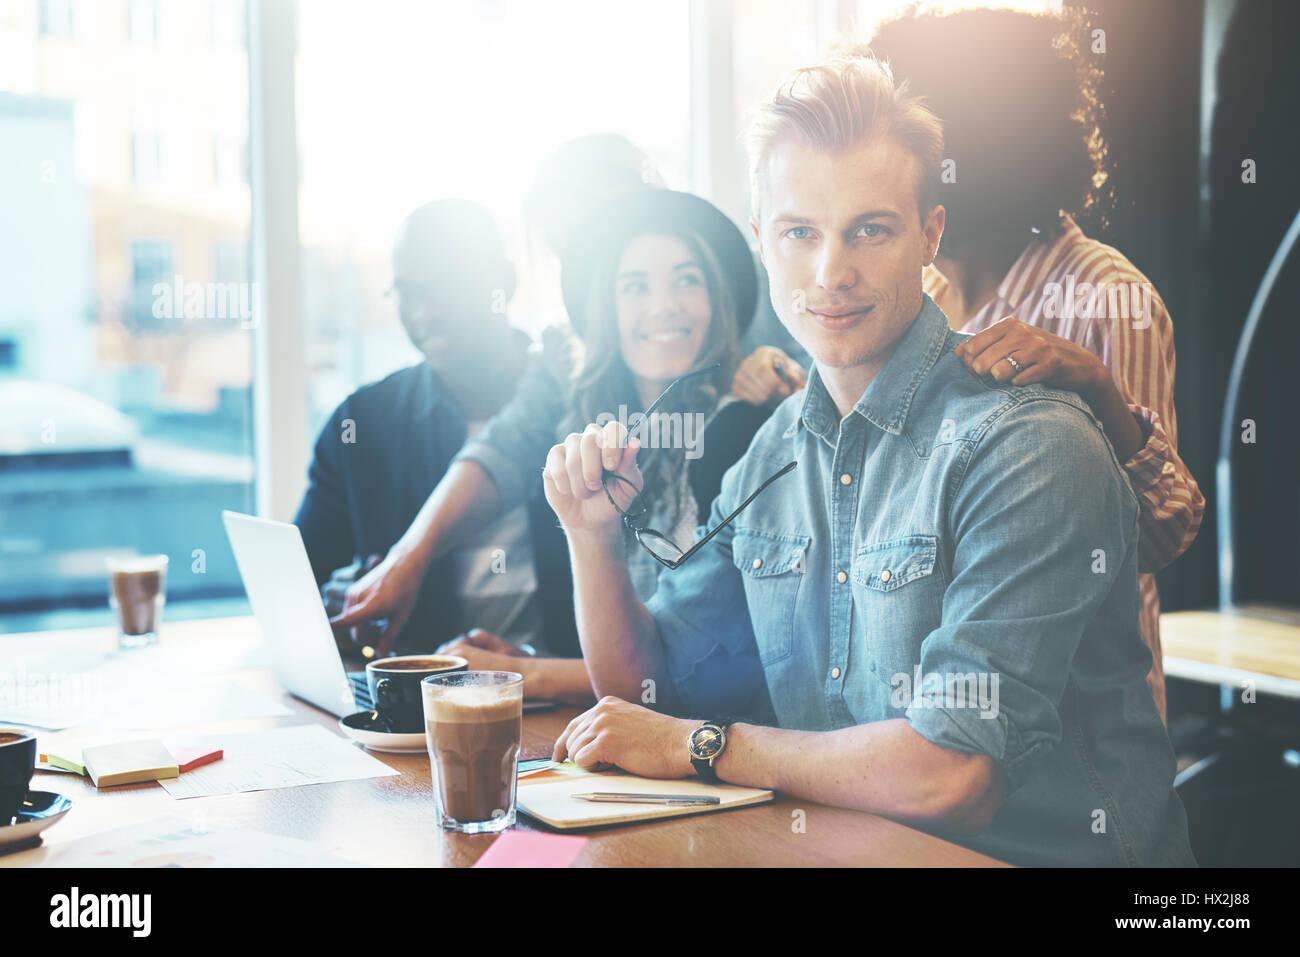 Homme calme en vêtements décontractés au bureau avec des collègues. Fenêtre lumineuse en Photo Stock